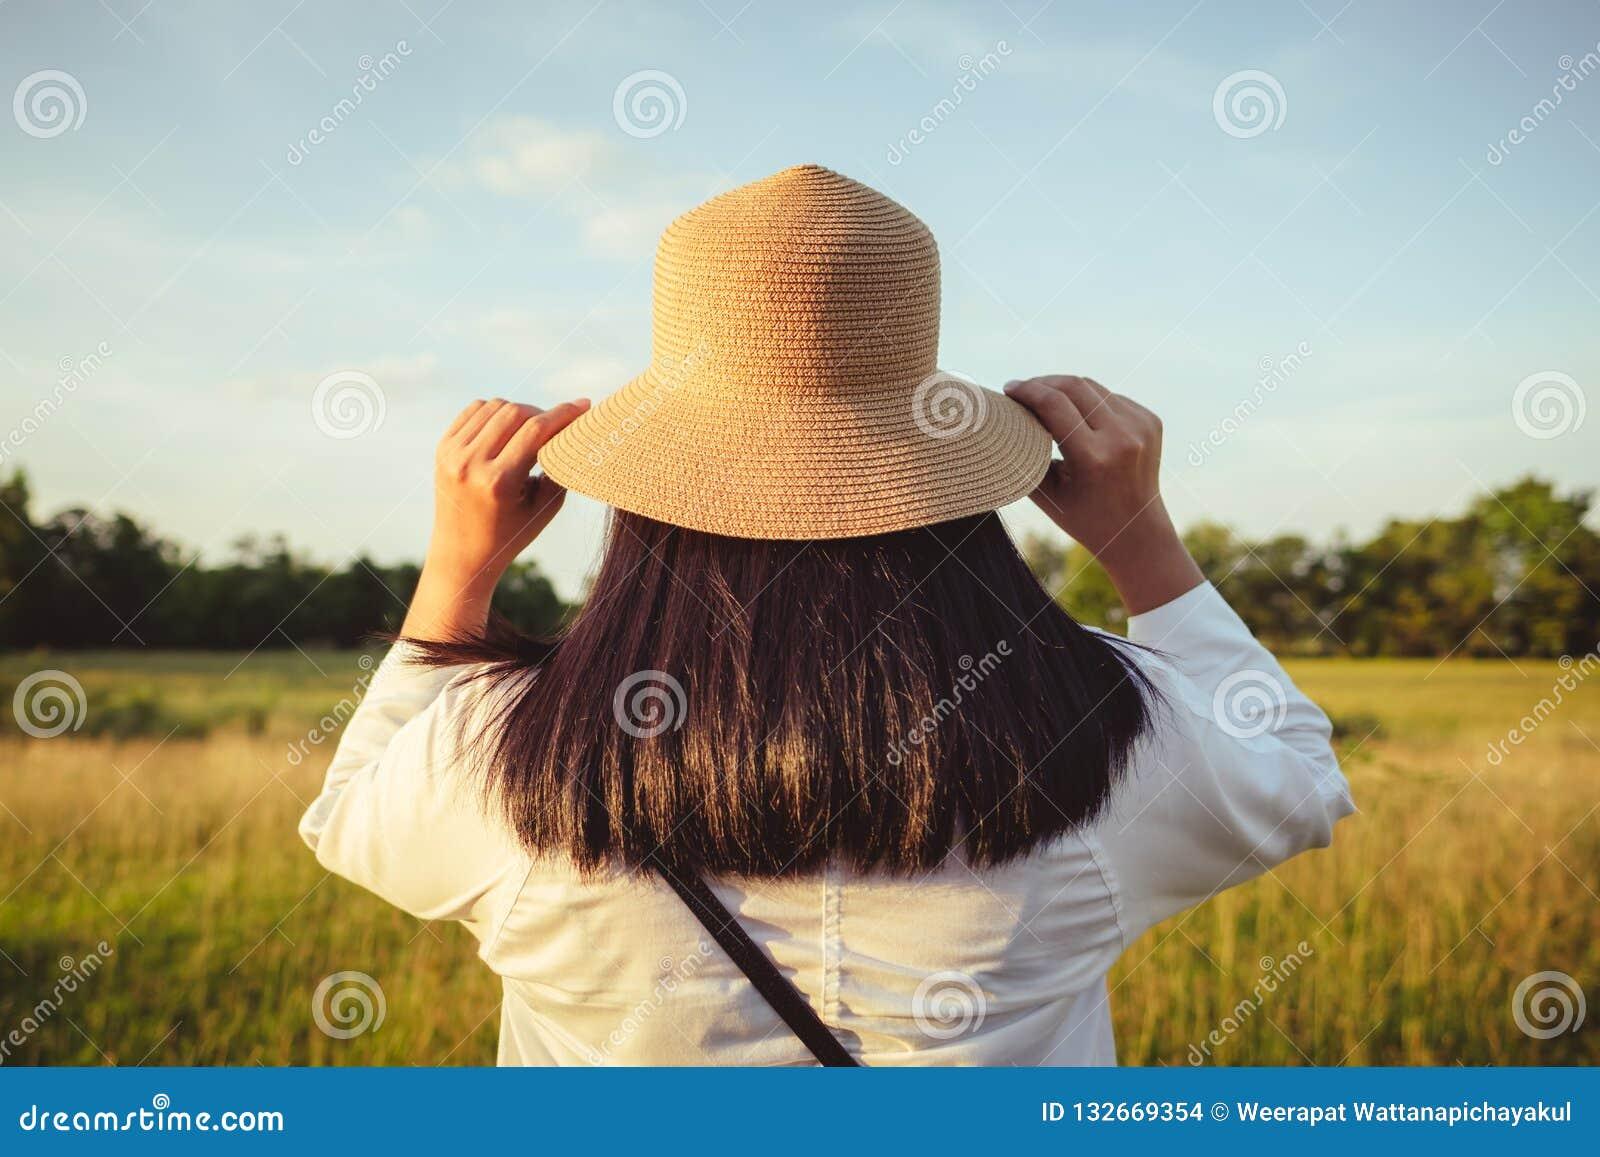 Φορέστε το καπέλο και περιπλανηθείτε